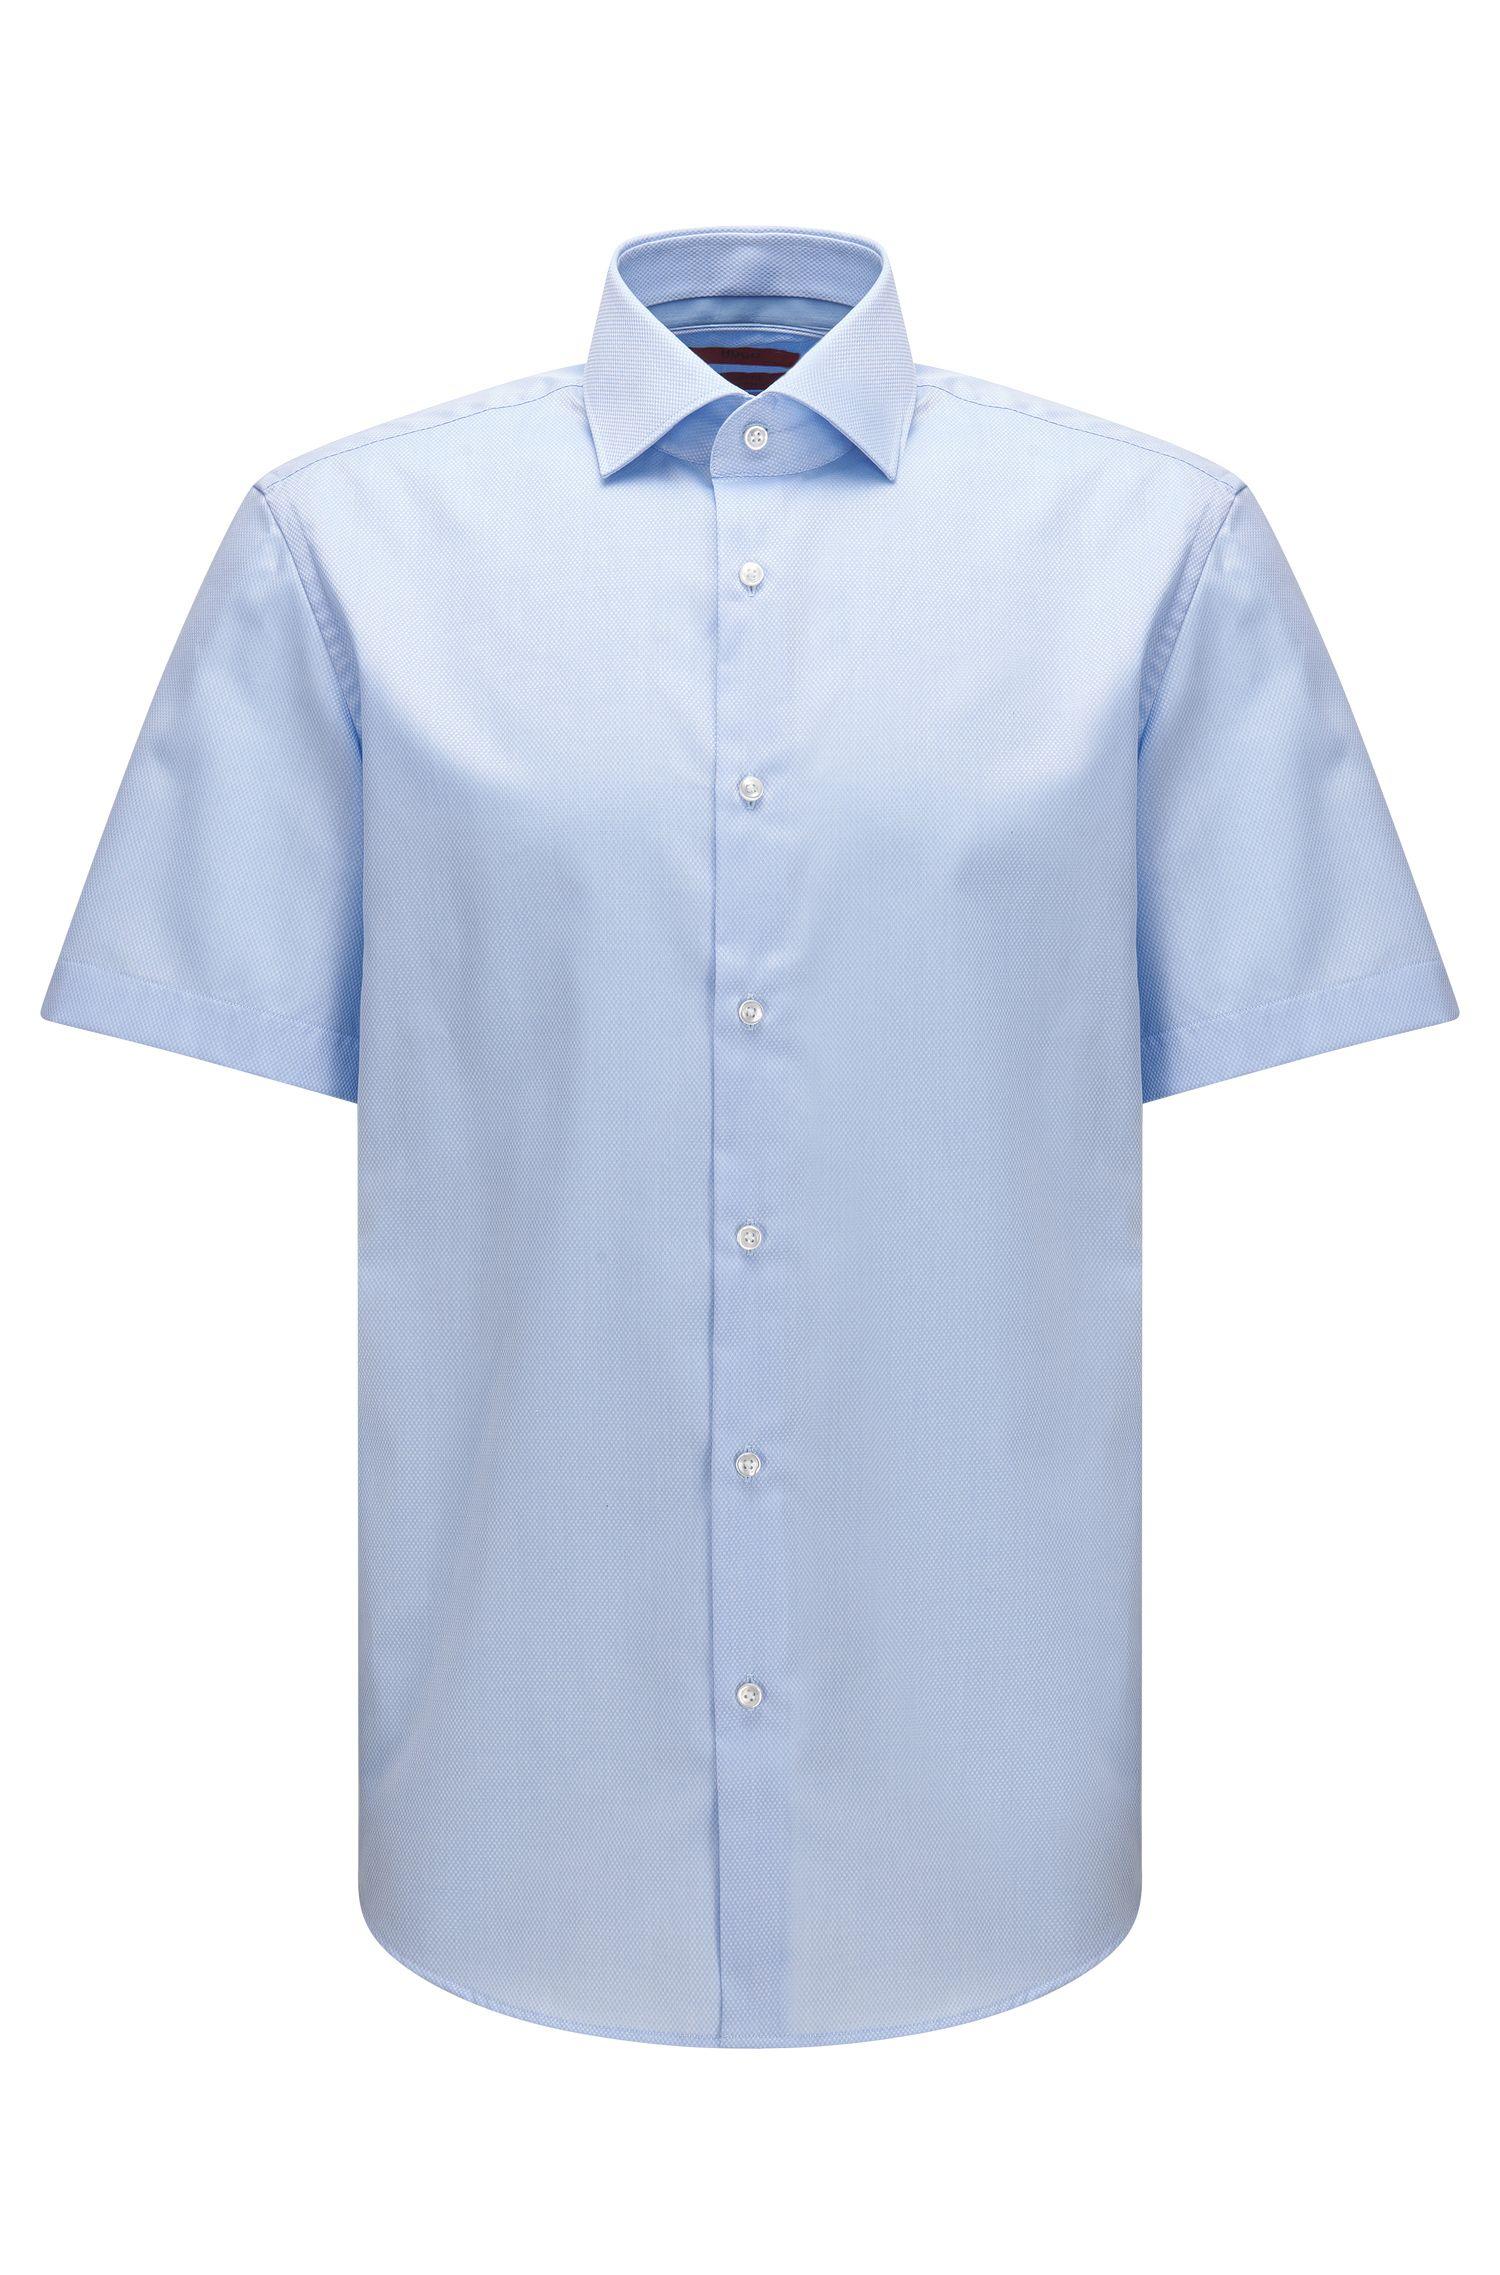 Camicia regular fit a maniche corte in cotone con lavorazione a quadri in tinta unita